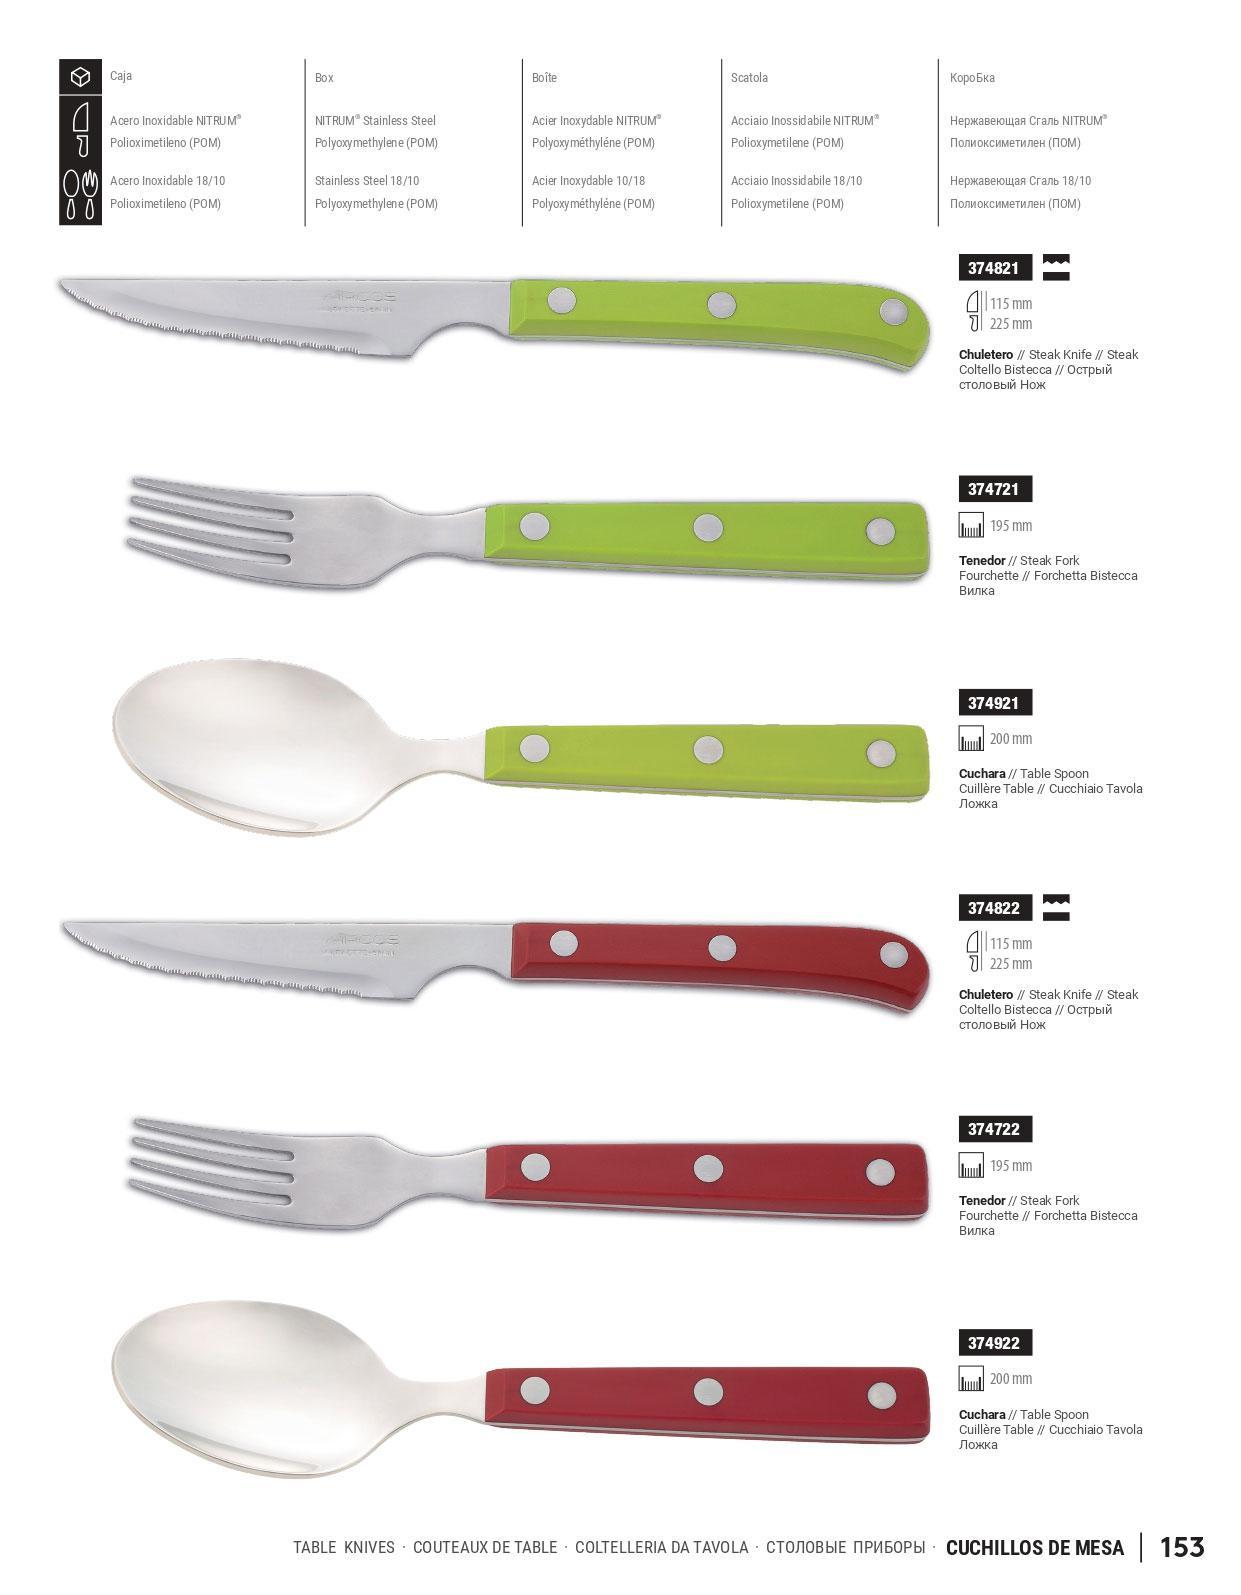 Menaje cocina cuchillos cocina cuchillos de mesa 9 - Cuchillos y menaje ...